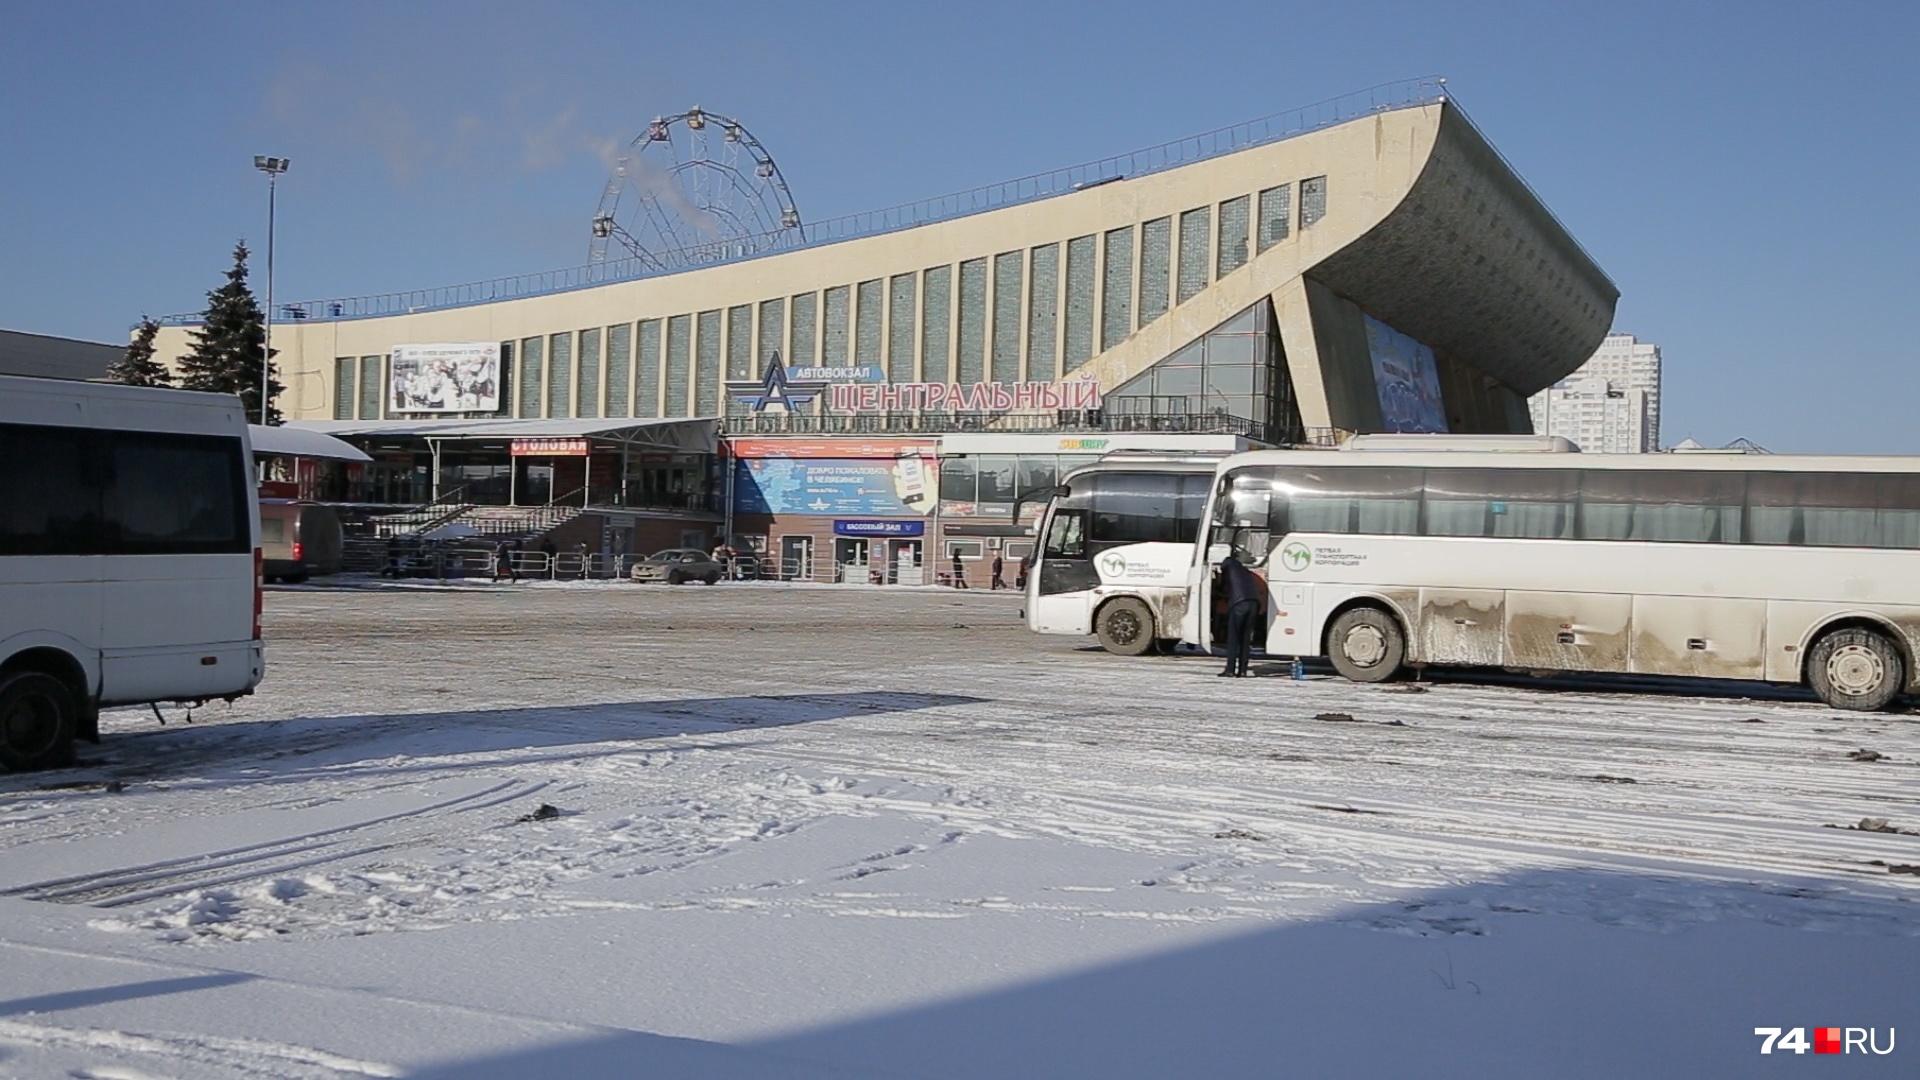 Сейчас в Челябинске четыре автовокзала